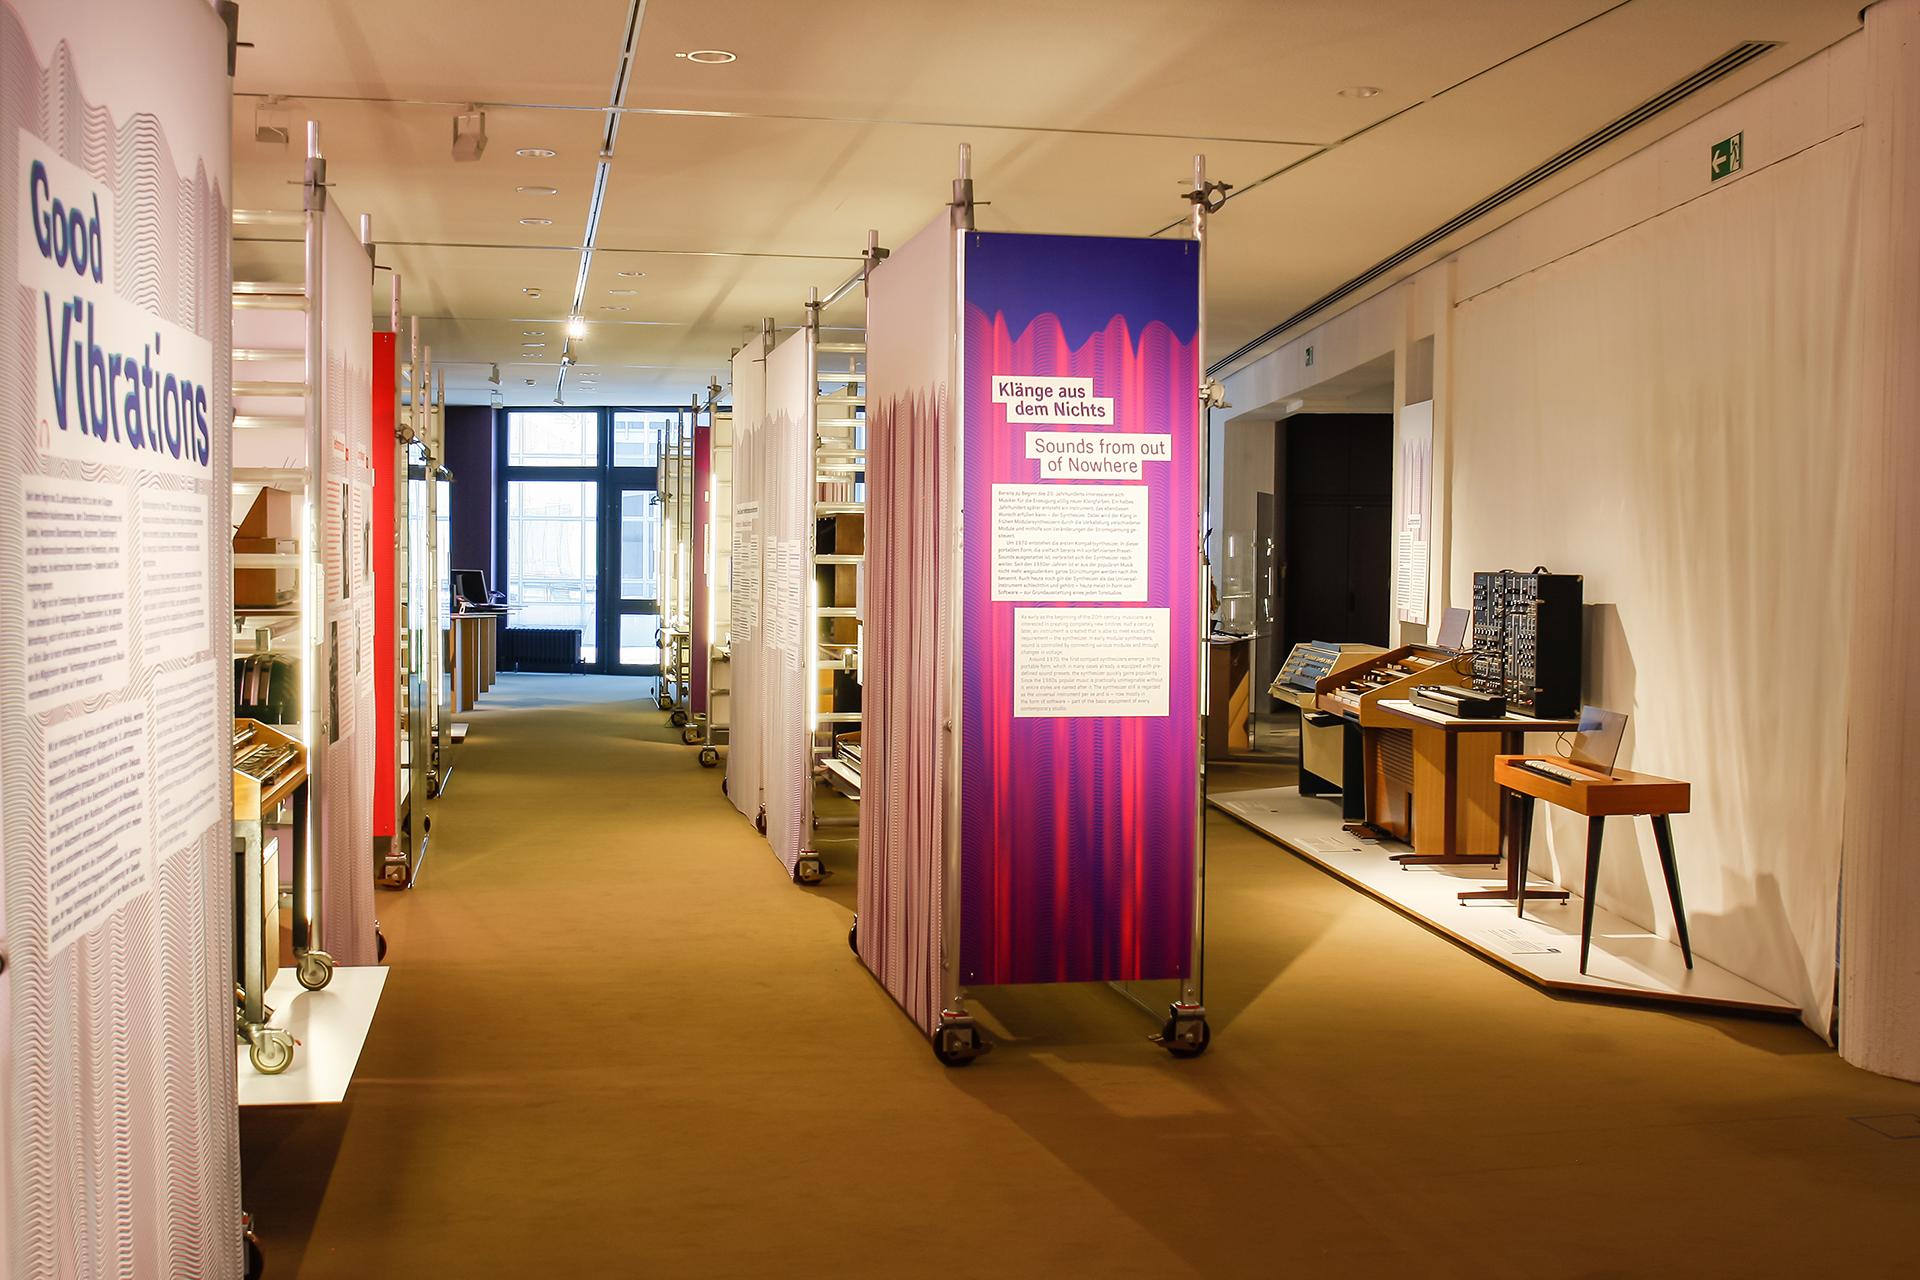 Good Vibrations Ausstellung